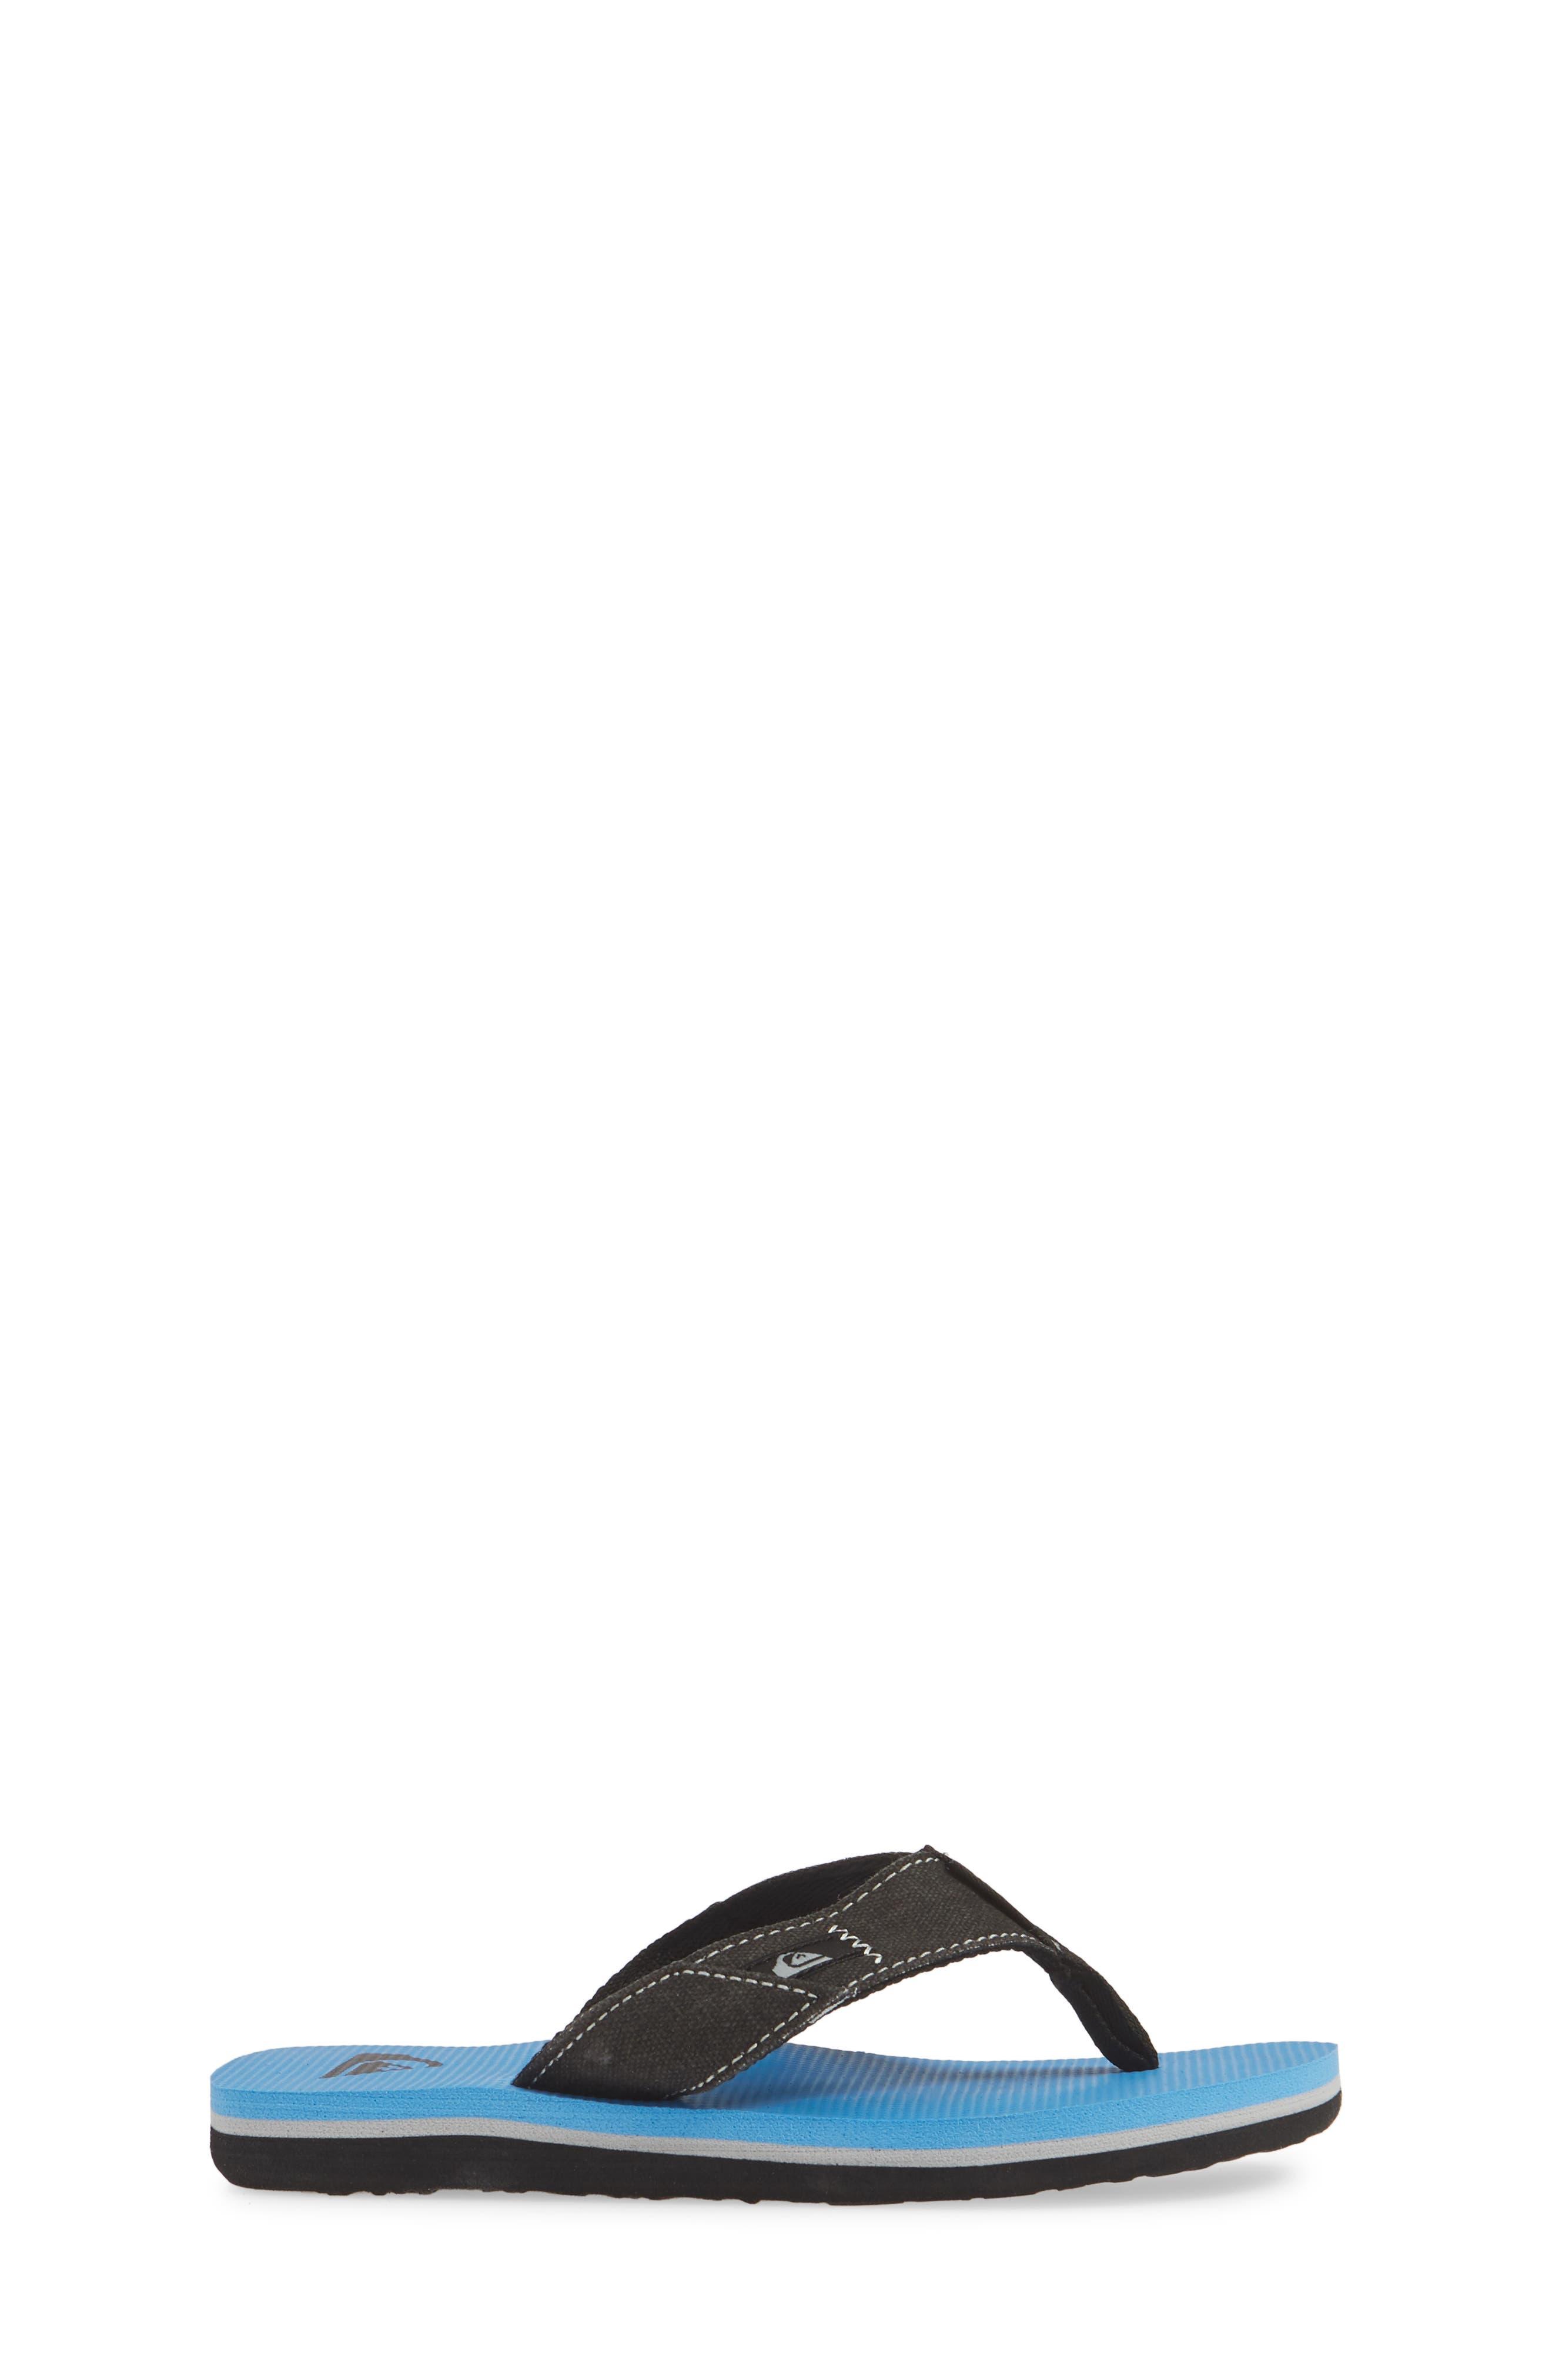 QUIKSILVER, Molokai Abyss Flip Flop, Alternate thumbnail 3, color, BLACK/ BLUE/ BLACK